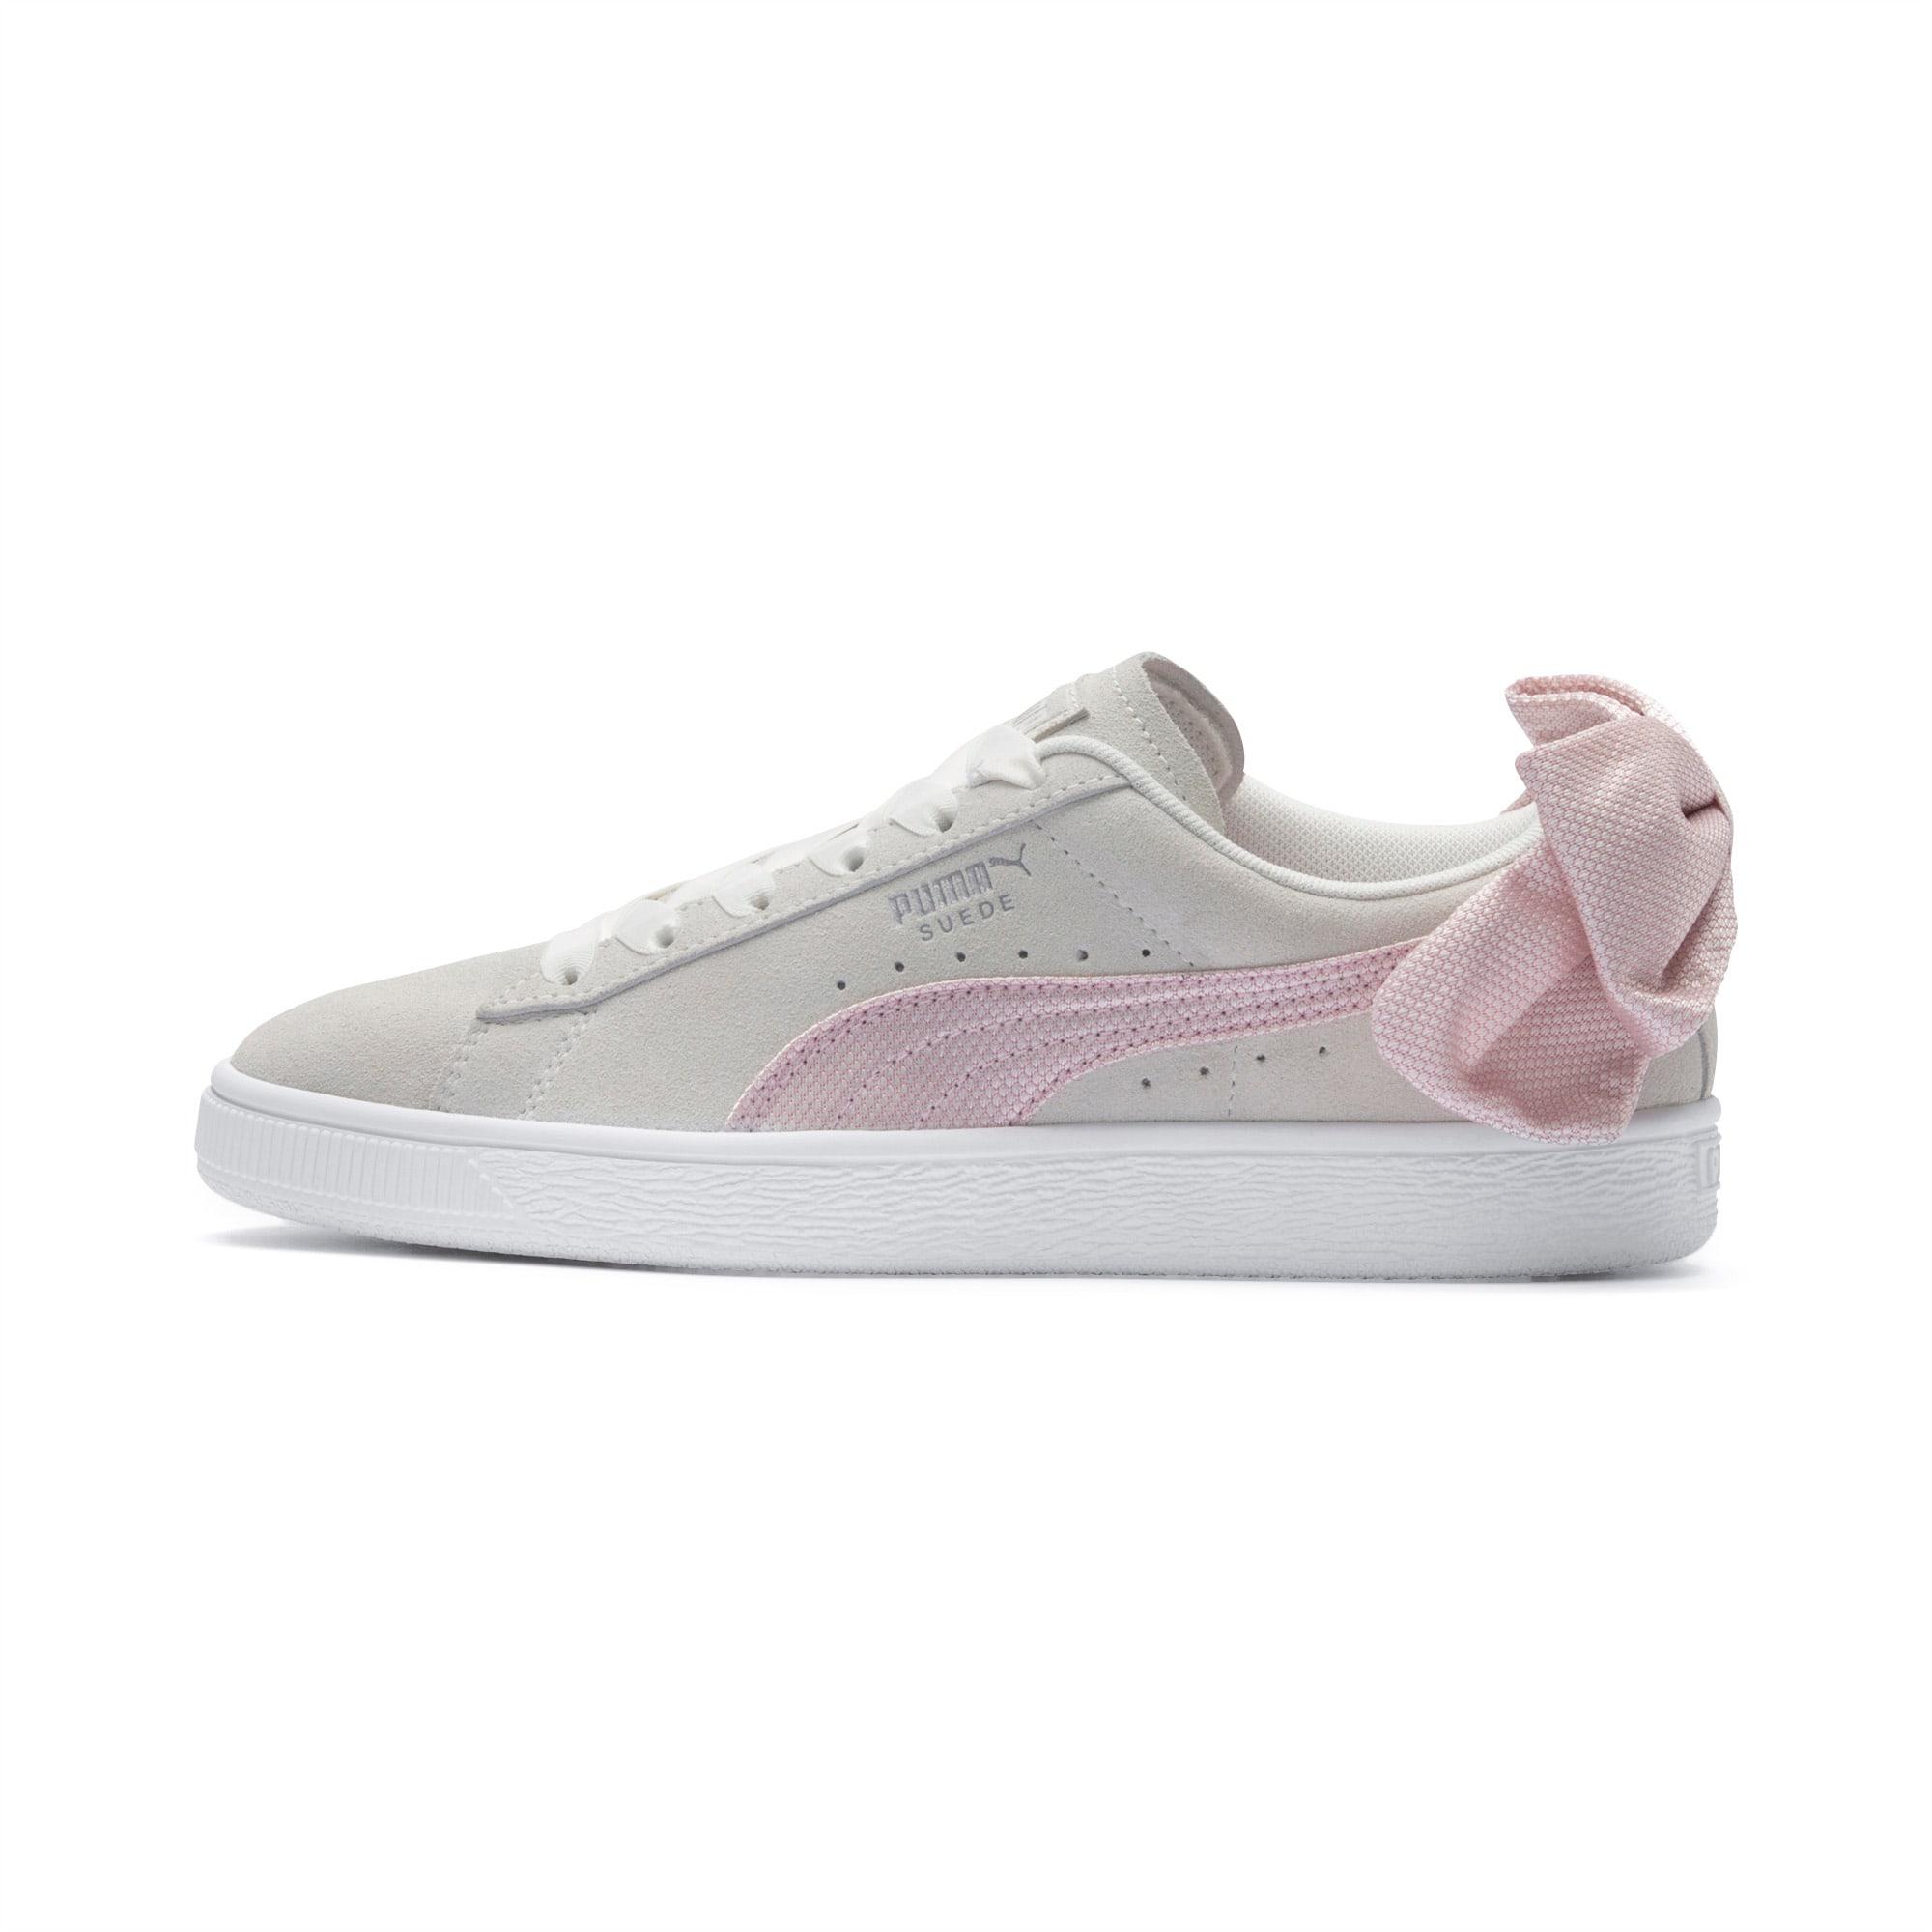 PUMA Suede Bow Hexamesh Women's Sneakers Women Shoe Sport Classics